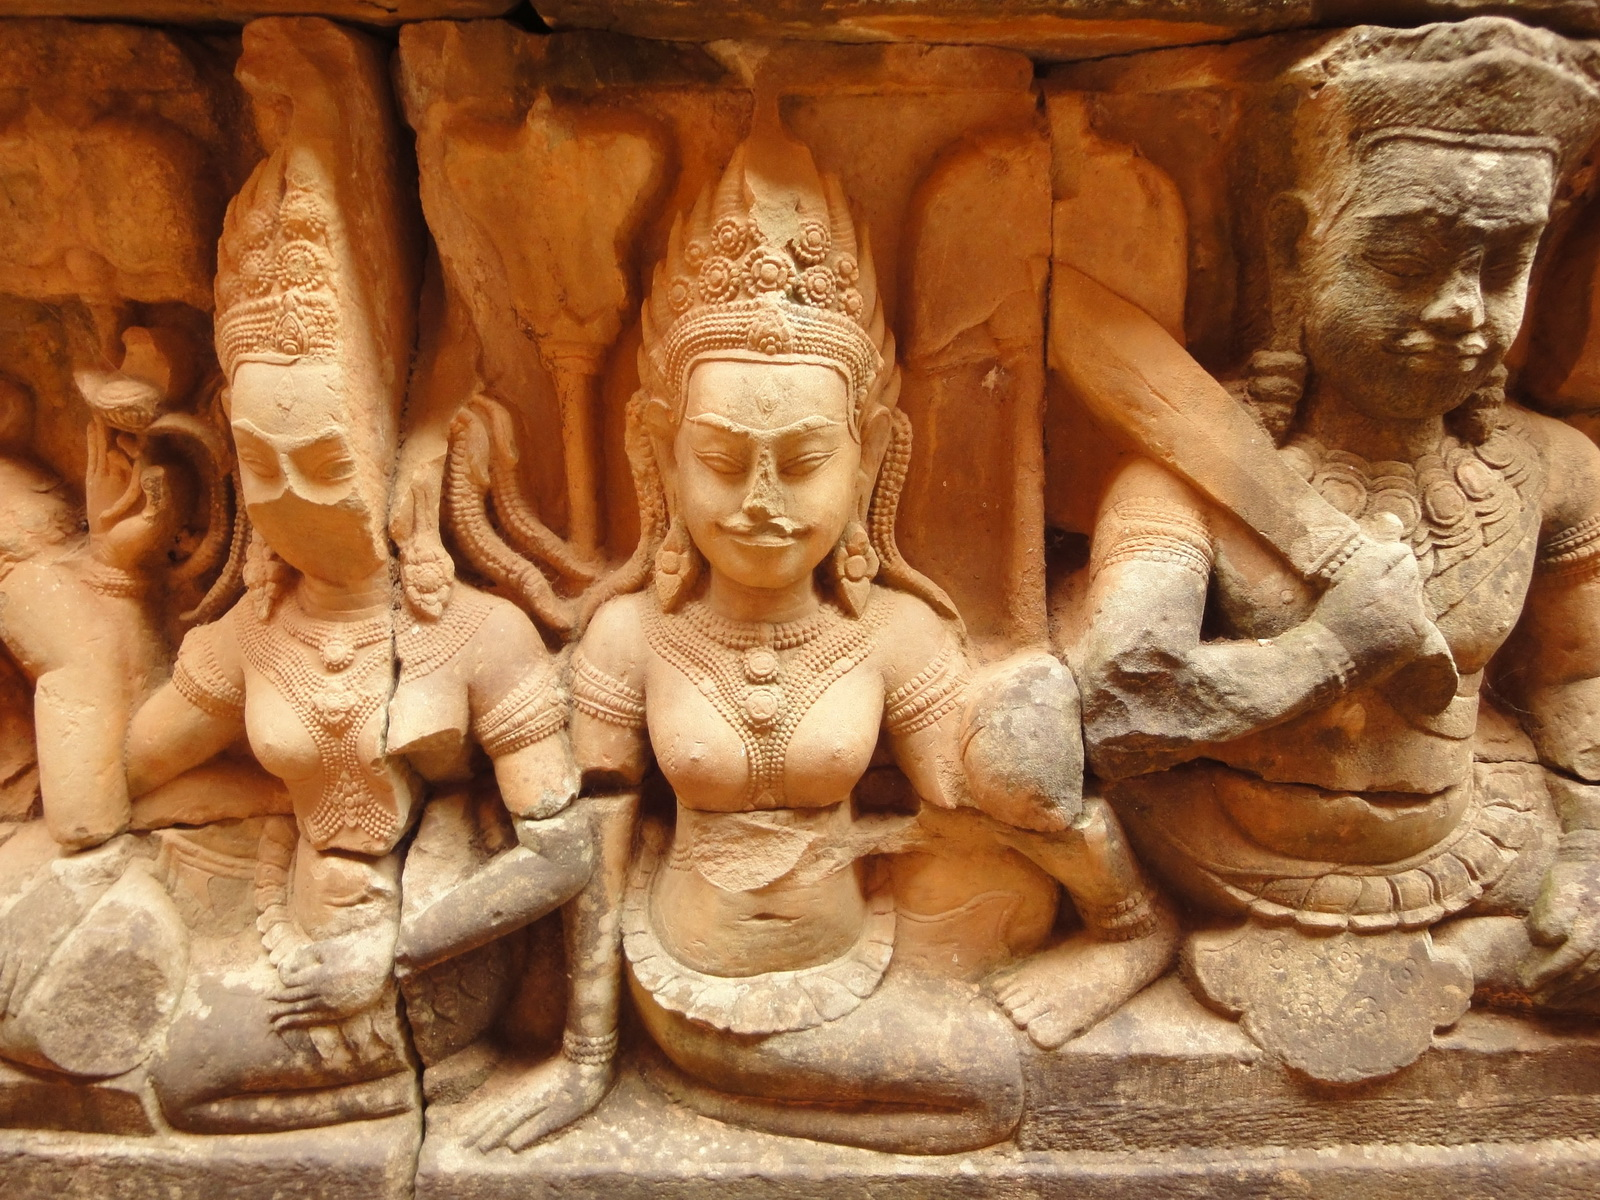 Leper King Terrace hidden wall underworld Nagas and deities 054